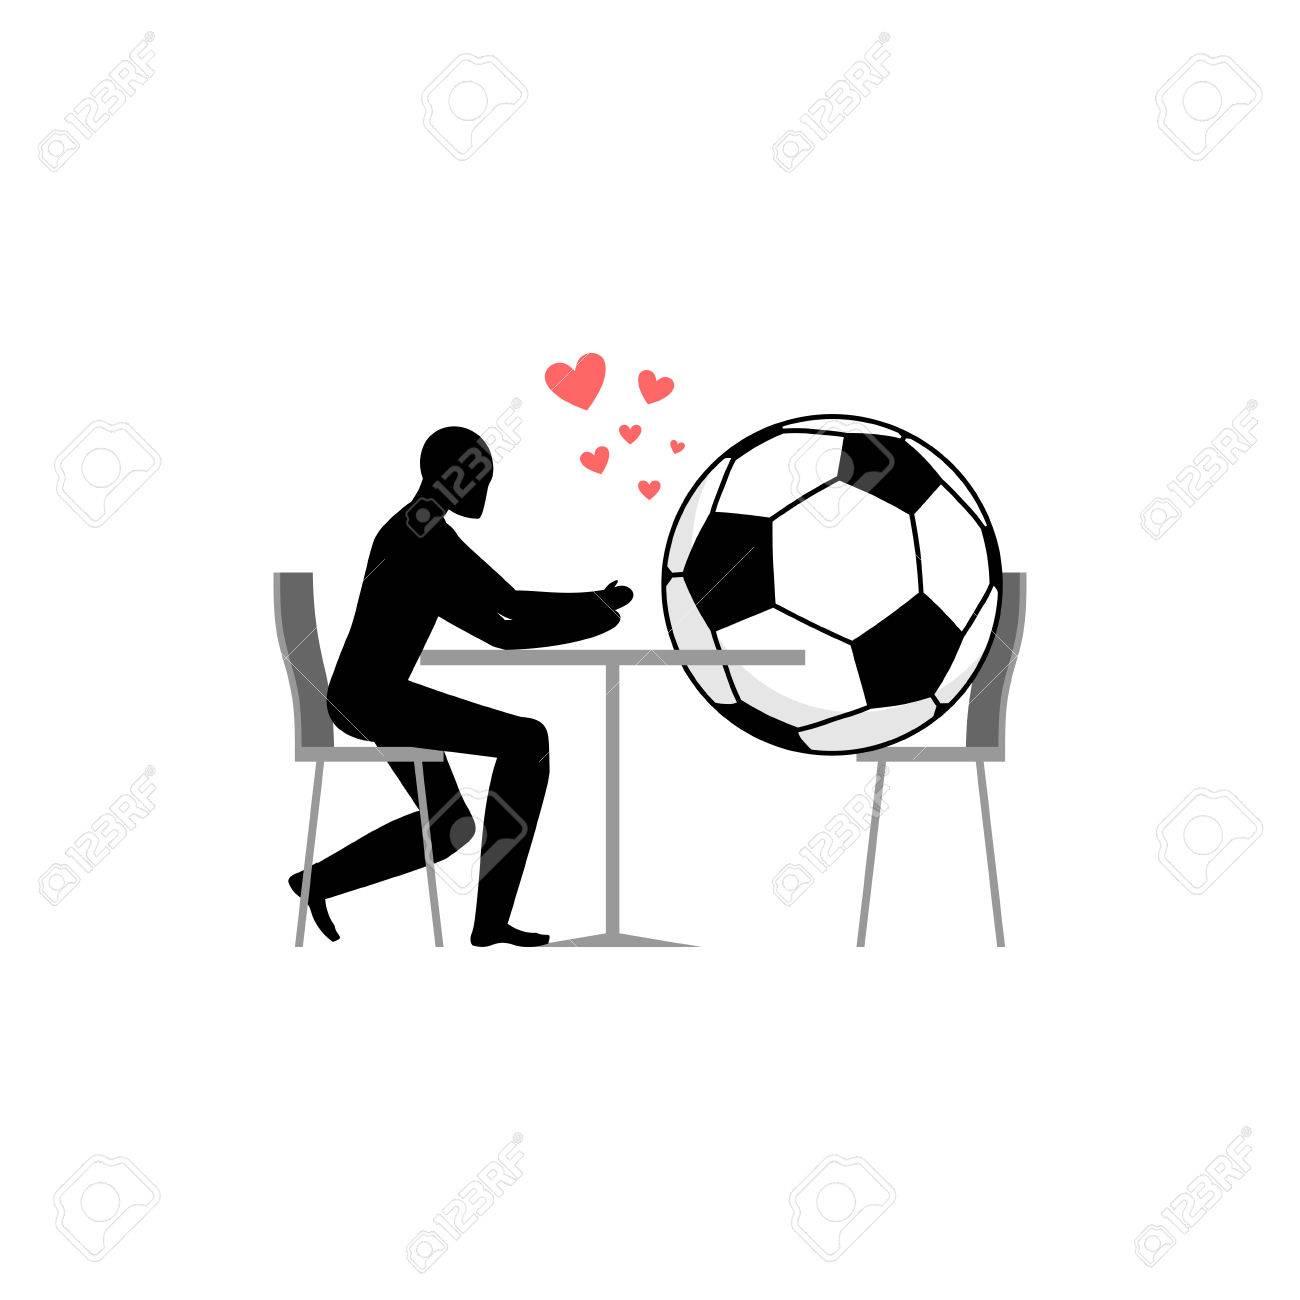 bal staat dating site Beste Lesbische dating site gratis